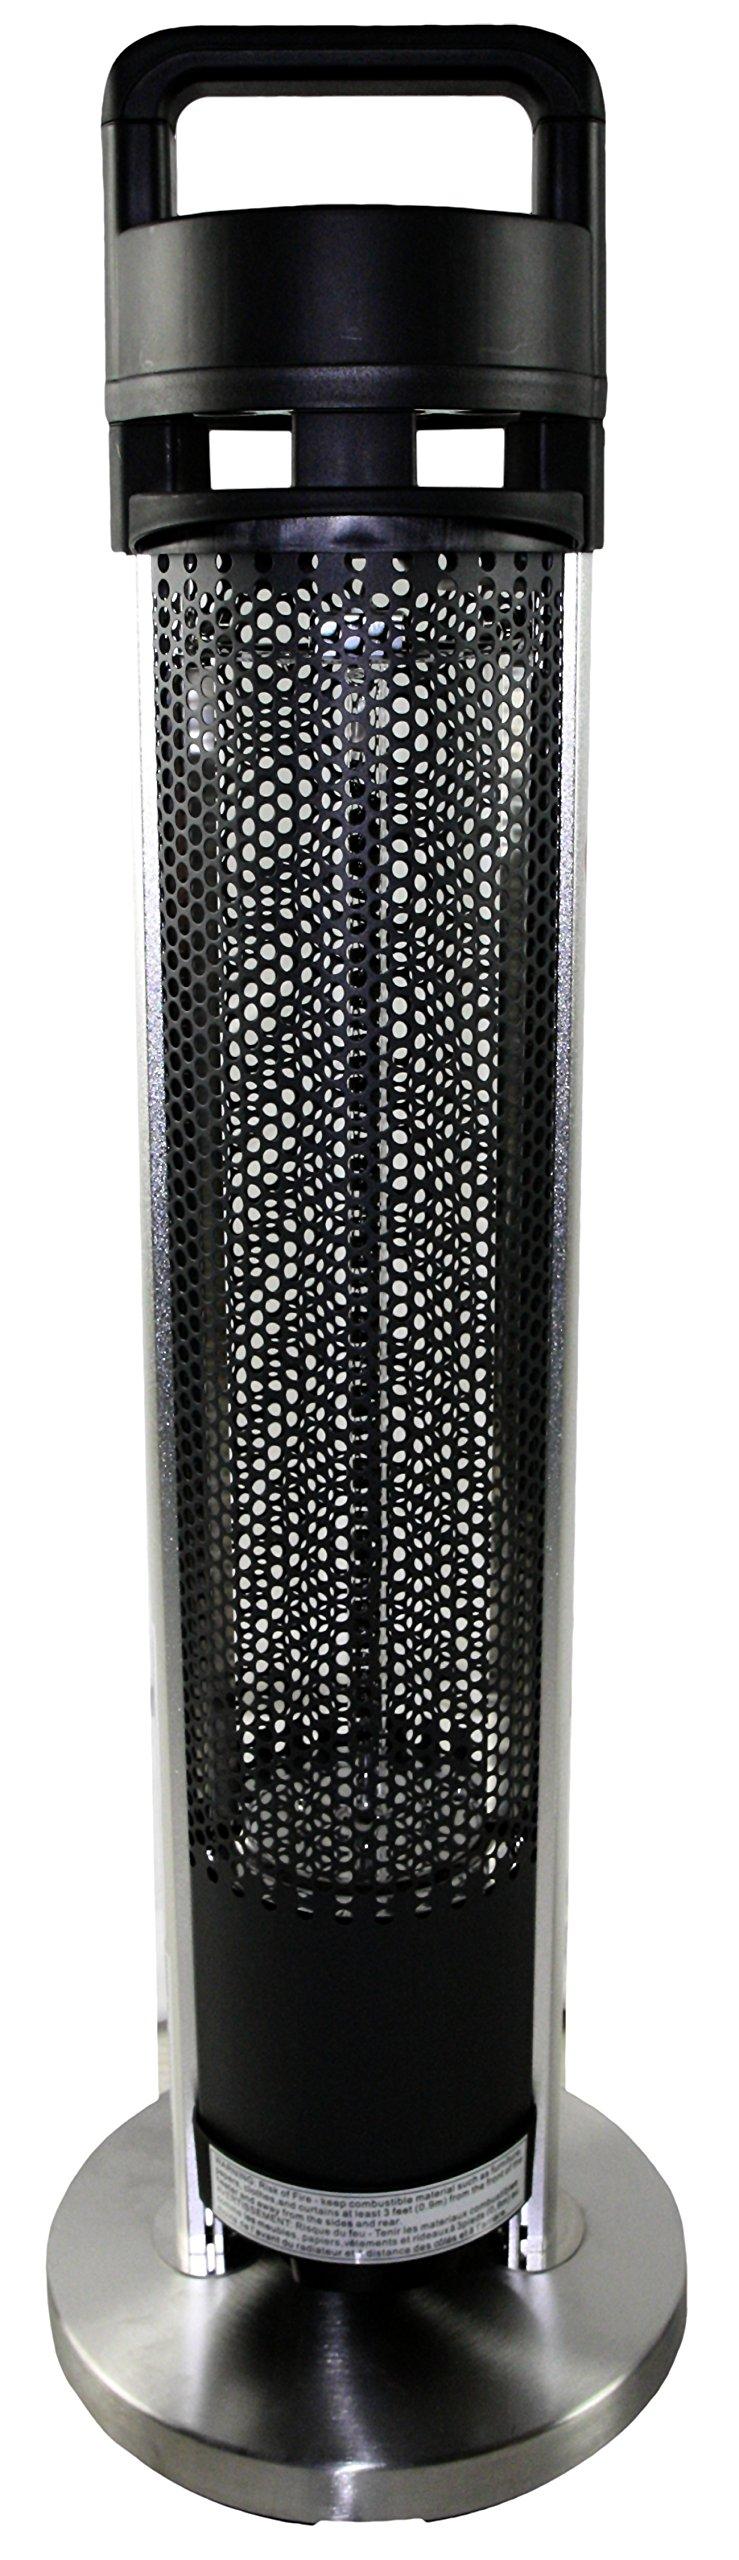 HeTR H1014UPS Indoor/Outdoor Rated Radiant Tower Heater, 36-Inch